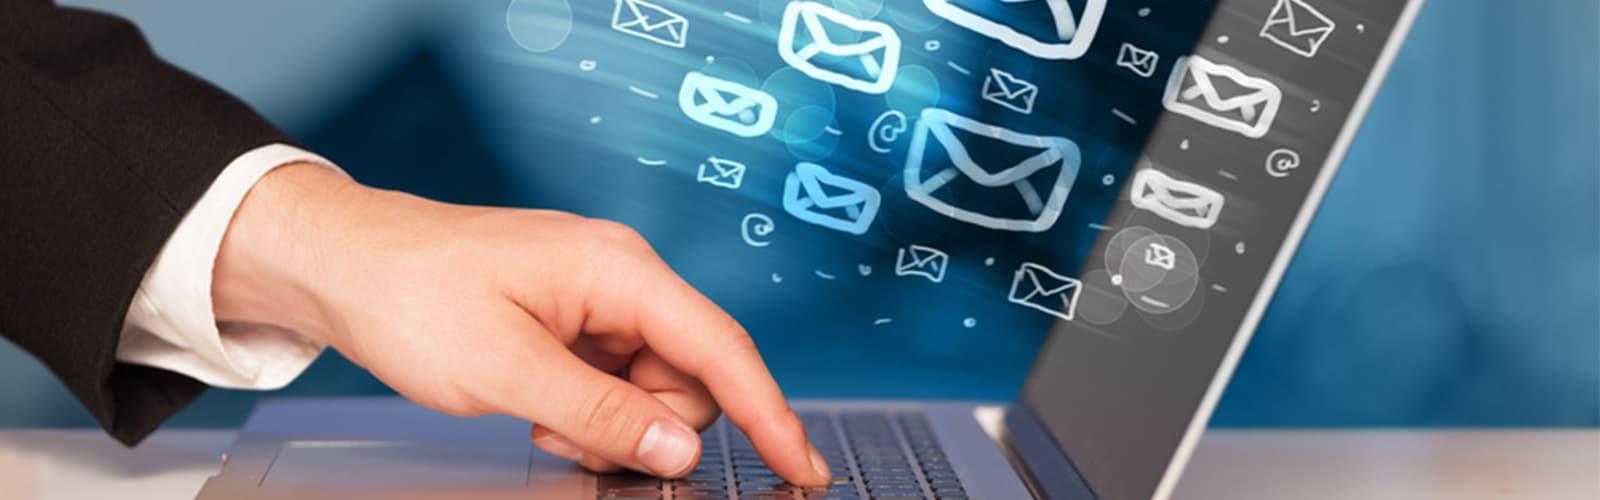 Qu'est ce que la location de fichier email?